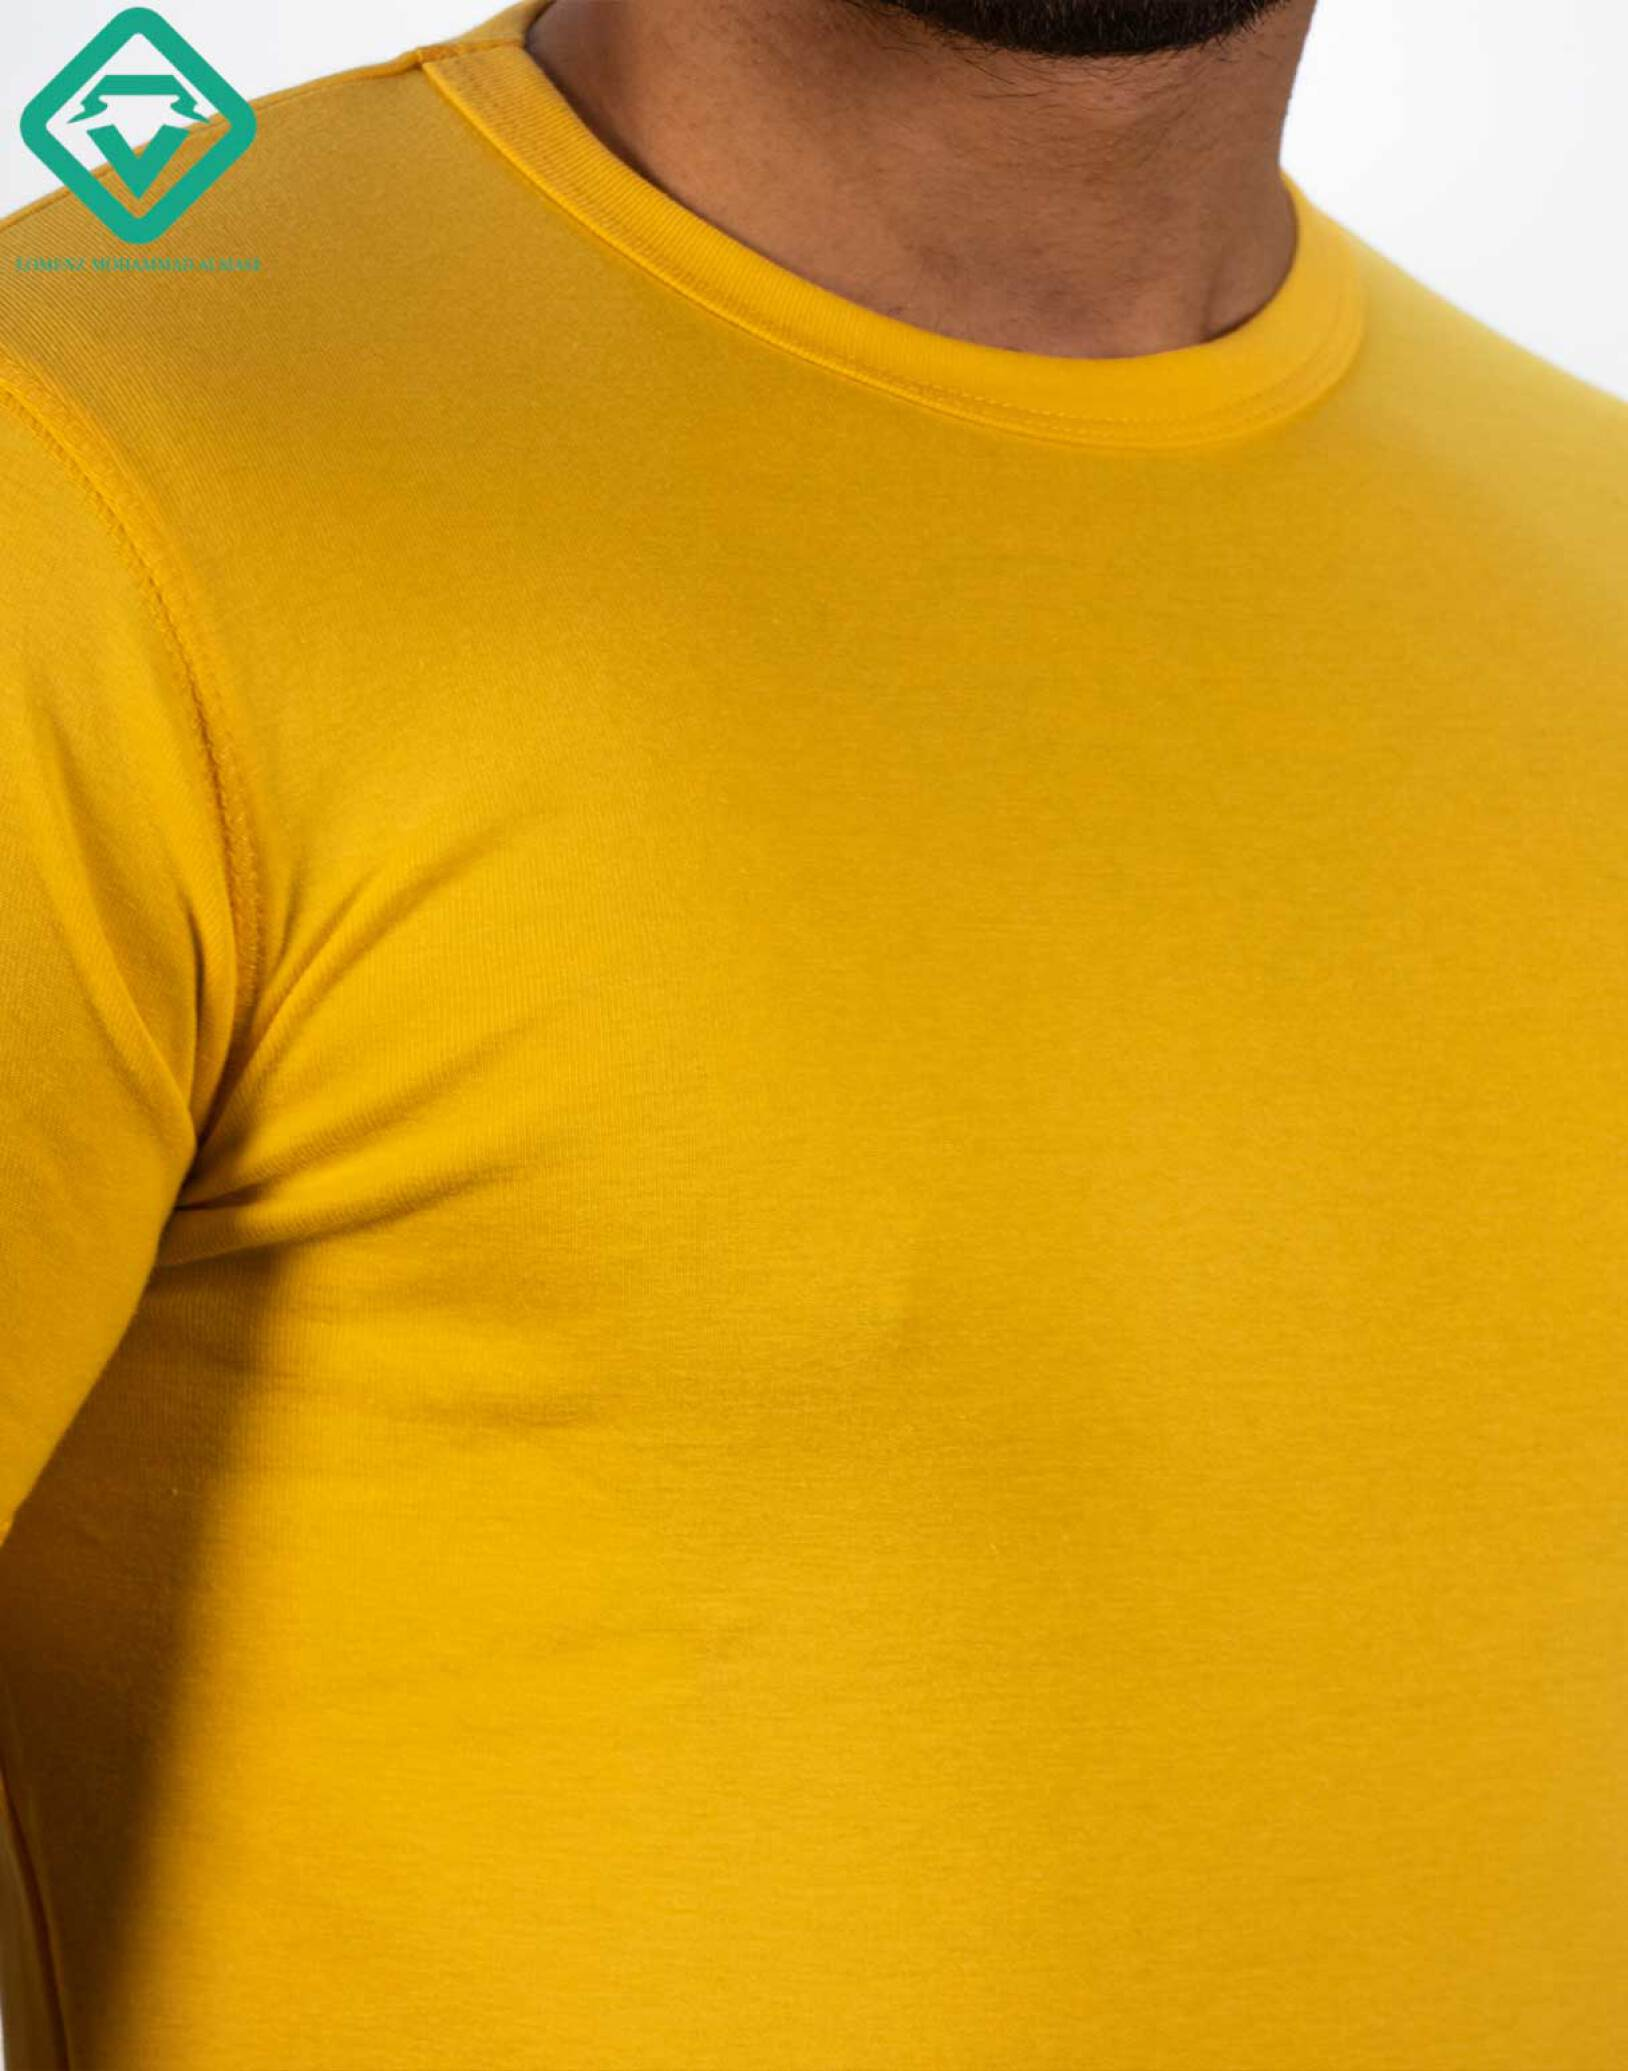 تیشرت تام تیلور عرضه شده در فروشگاه لومنز